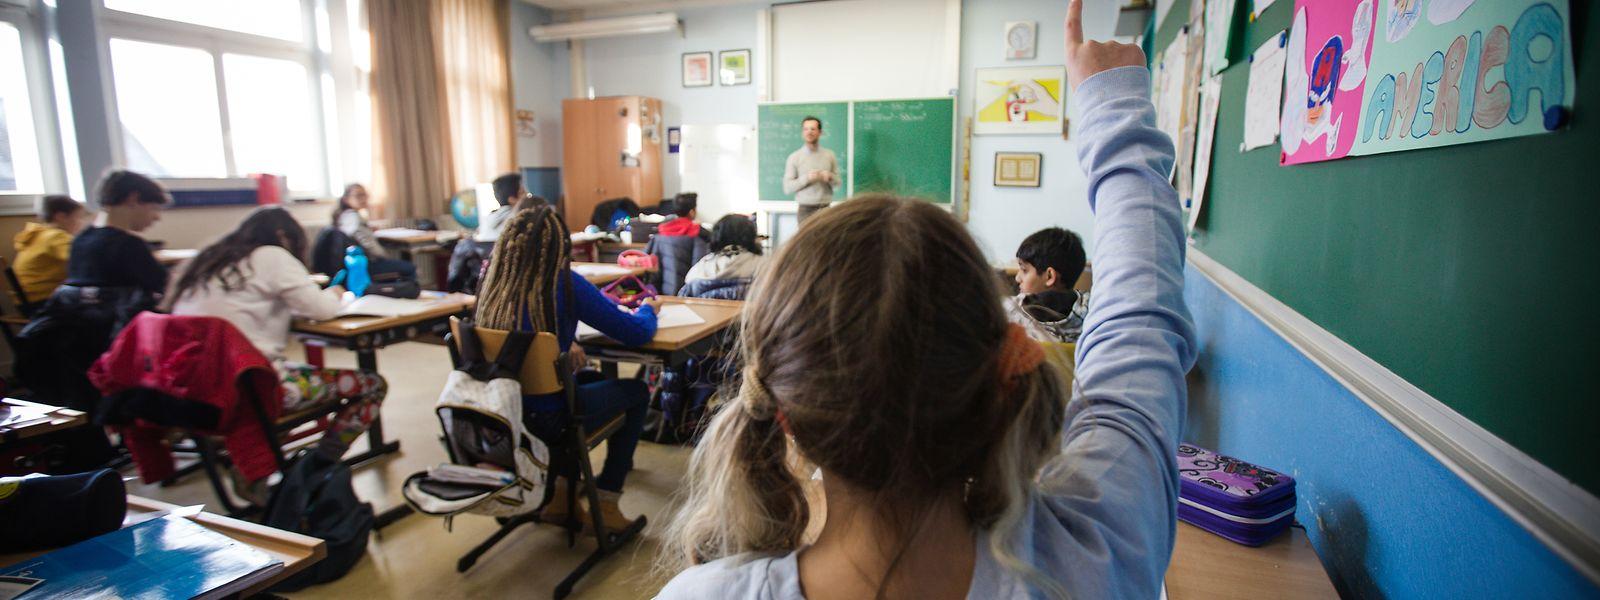 Le nombre d'écoliers nécessitant une prise en charge spécifique est estimé à plus de 2.000 par le ministère de l'Éducation nationale.